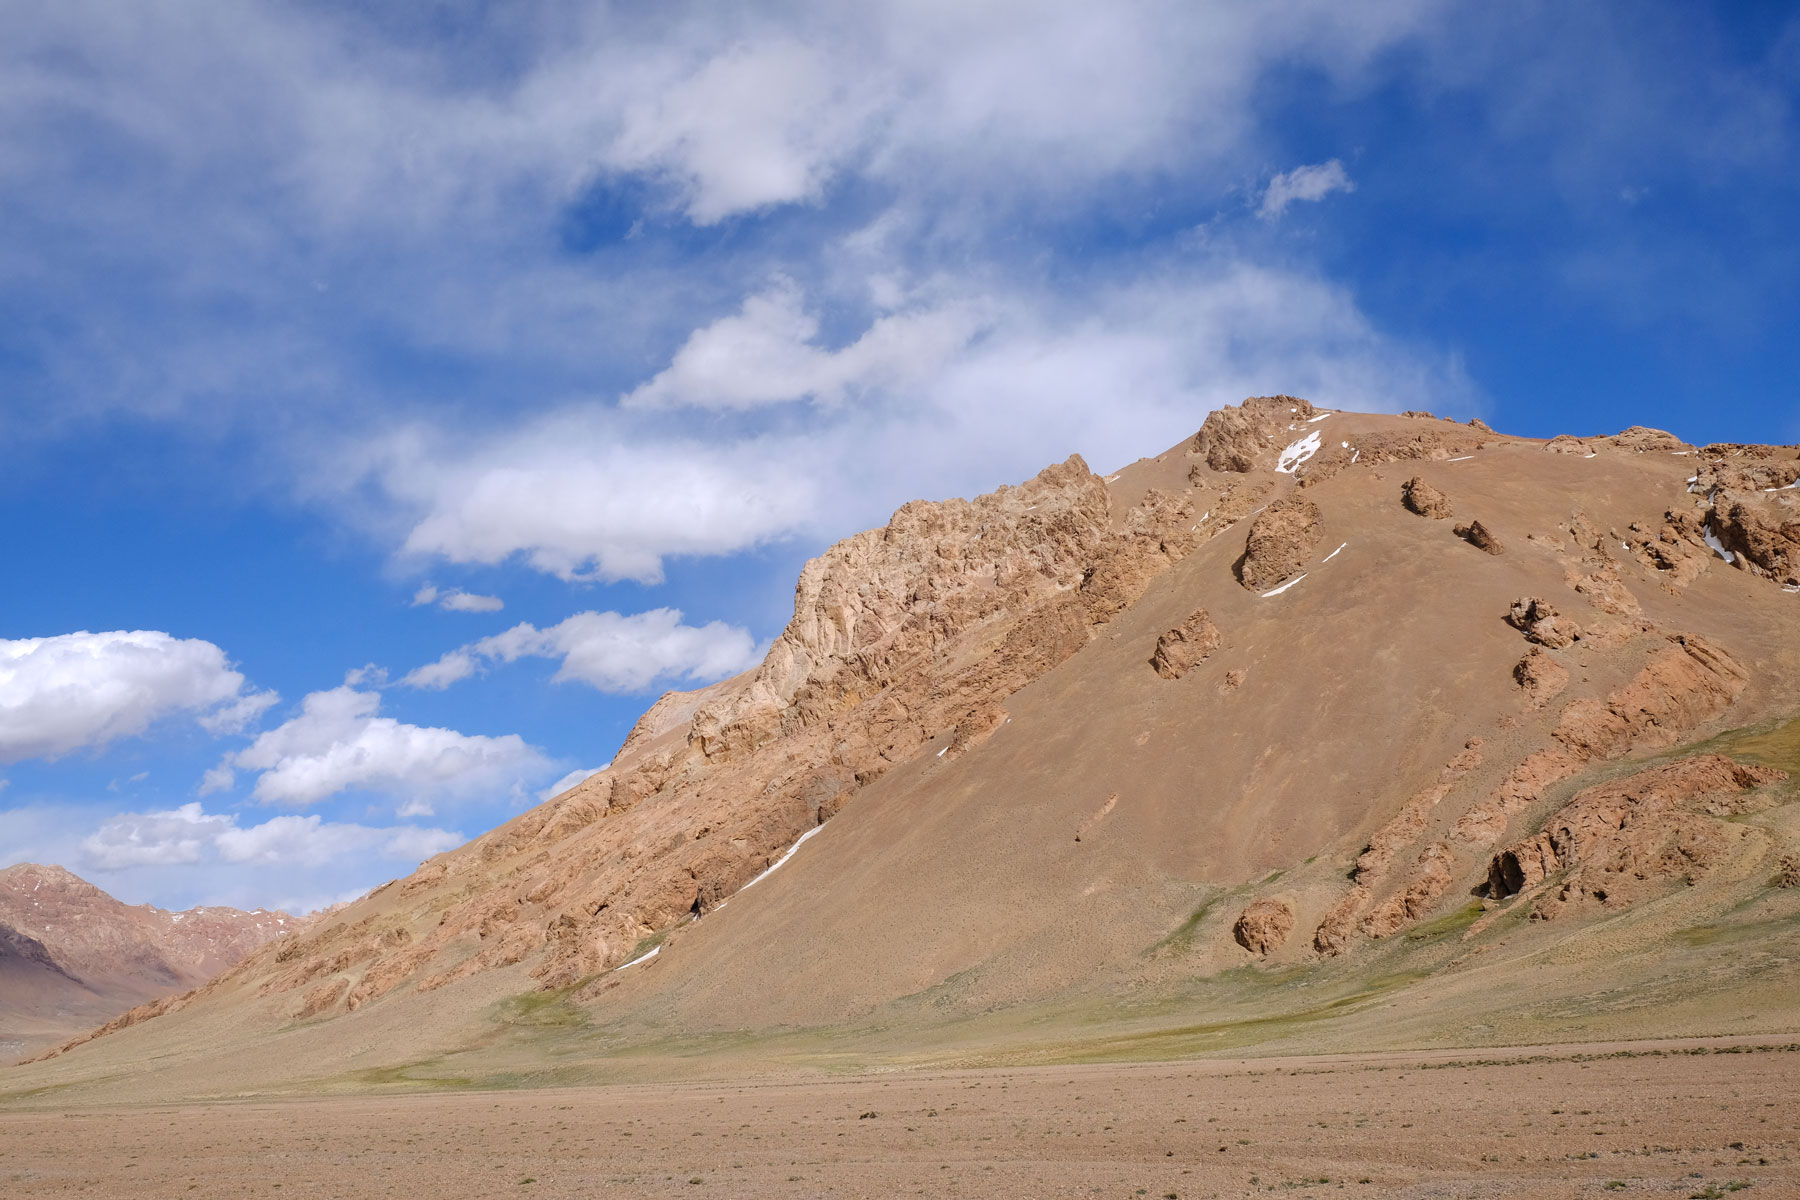 Ein Berg auf dem Pamir-Plateau.